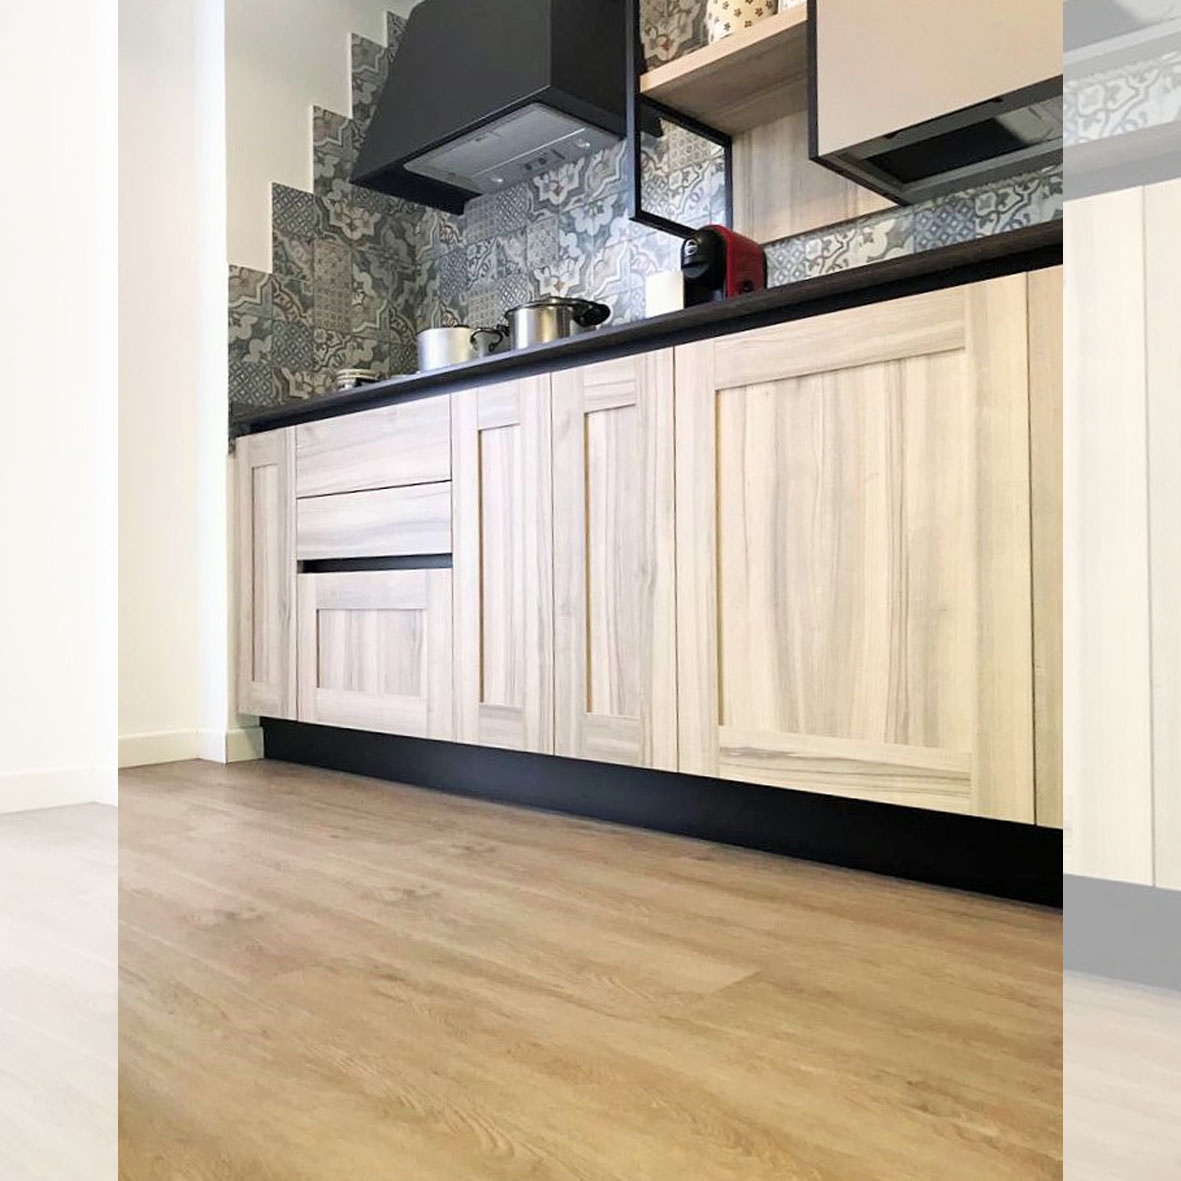 realizzazione-centro dell'arredamento-savona-cucina-cloe-telaio-arredo3